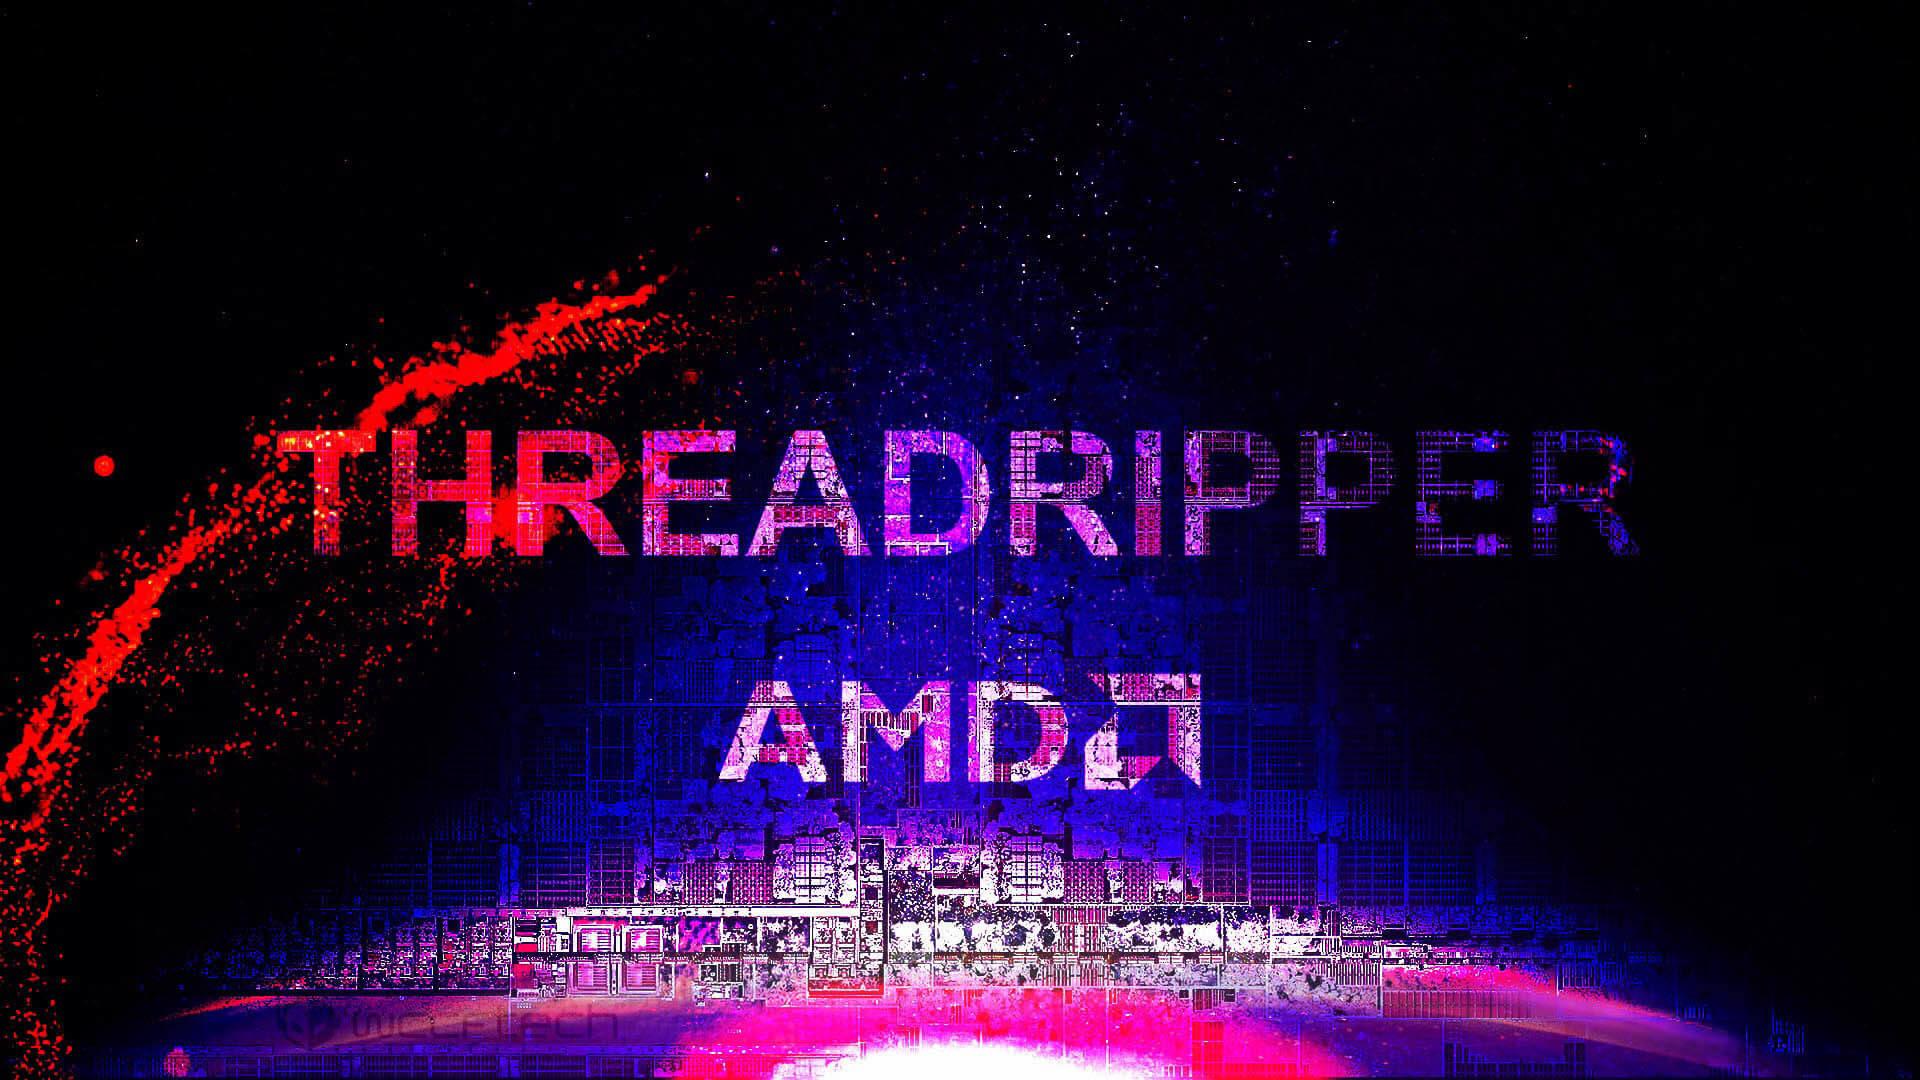 Квыпуску готовятся процессоры AMD Ryzen 9 иIntel Core i9